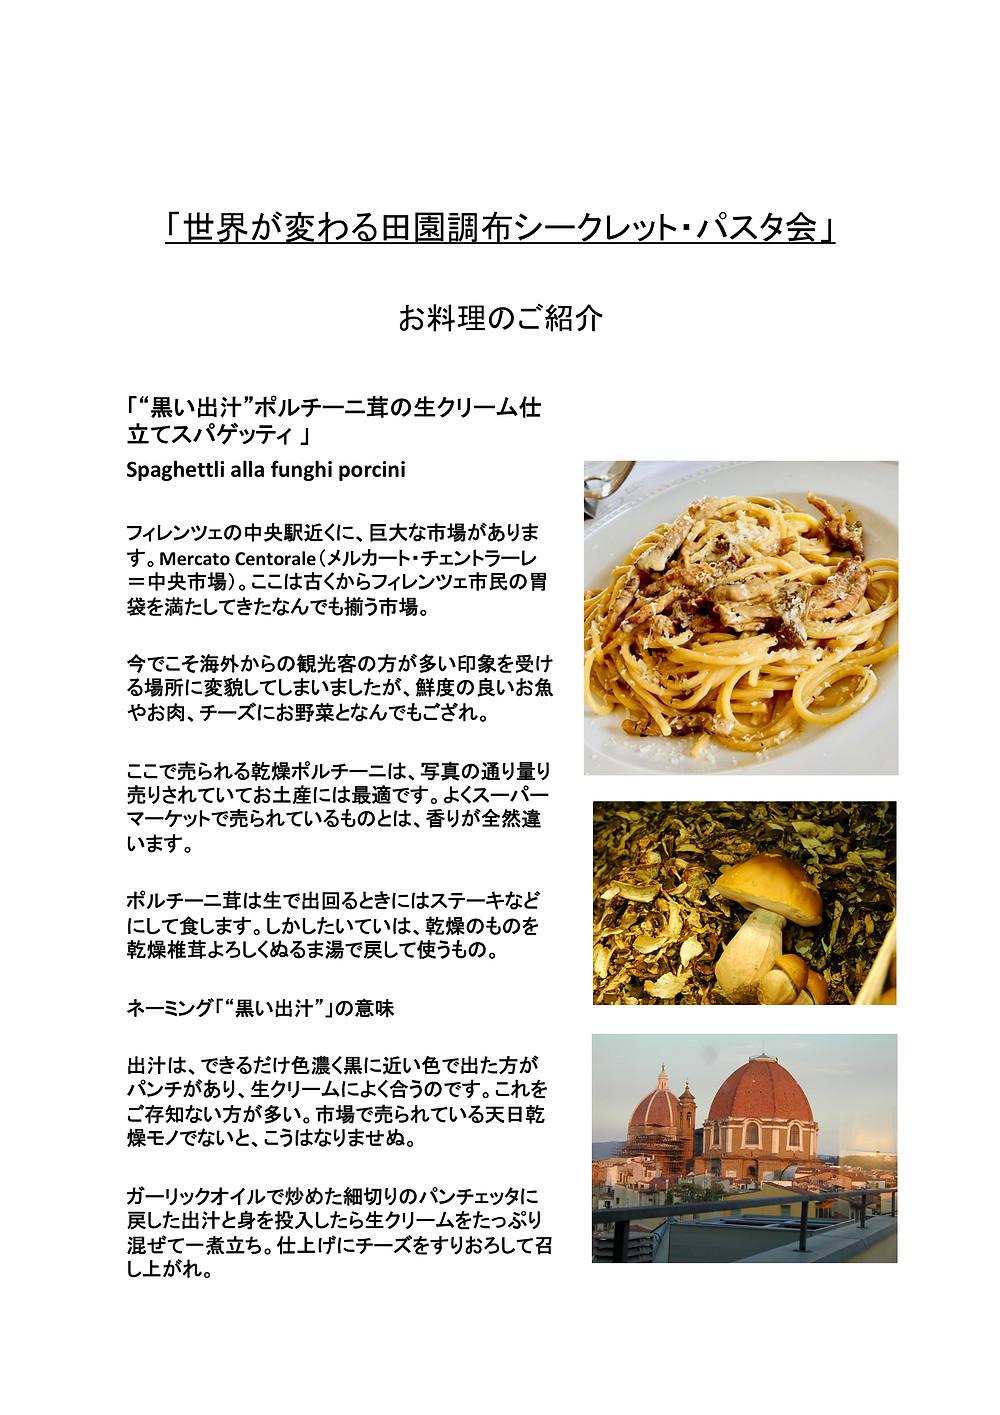 ポルチーニ茸の生クリーム仕立てスパゲッティ